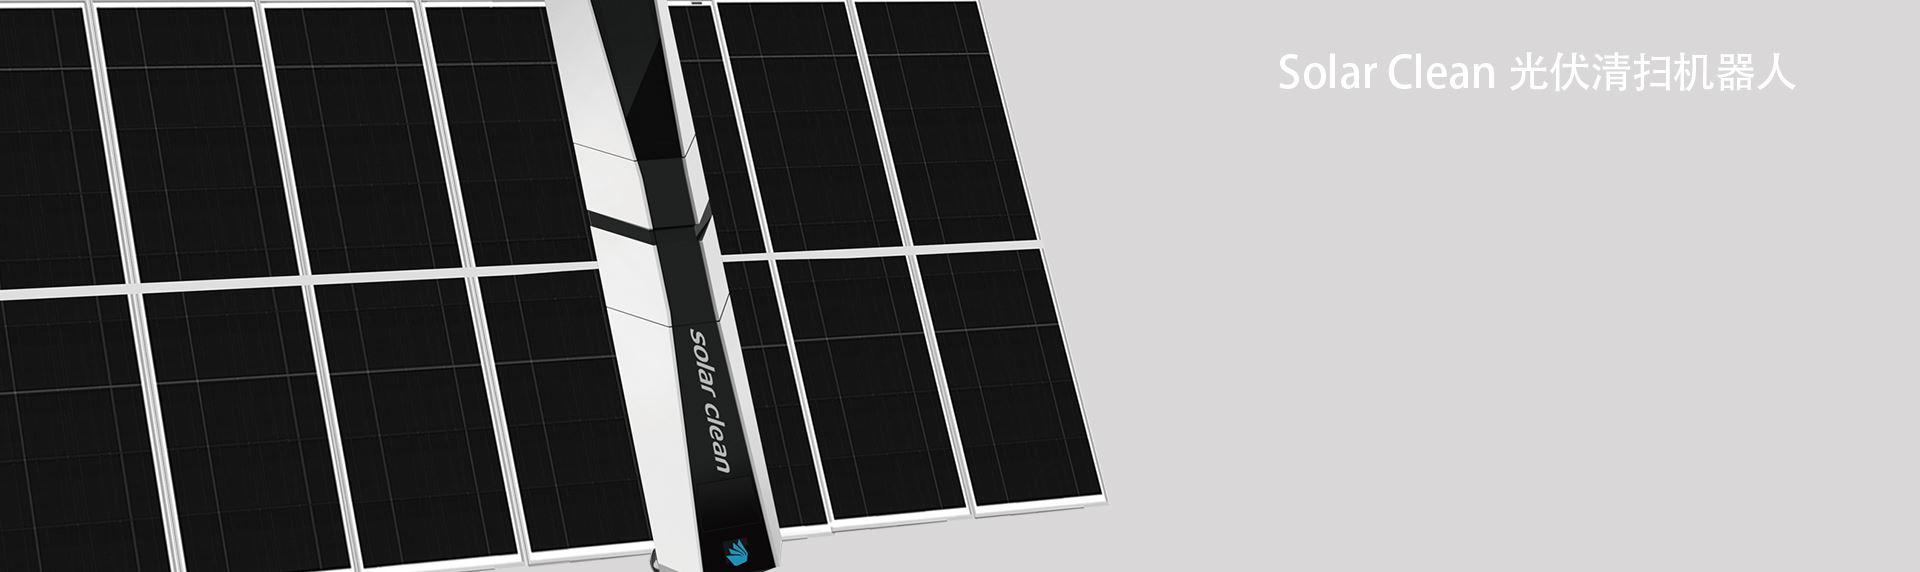 每日资讯-Solar Clean 光伏清扫机器人